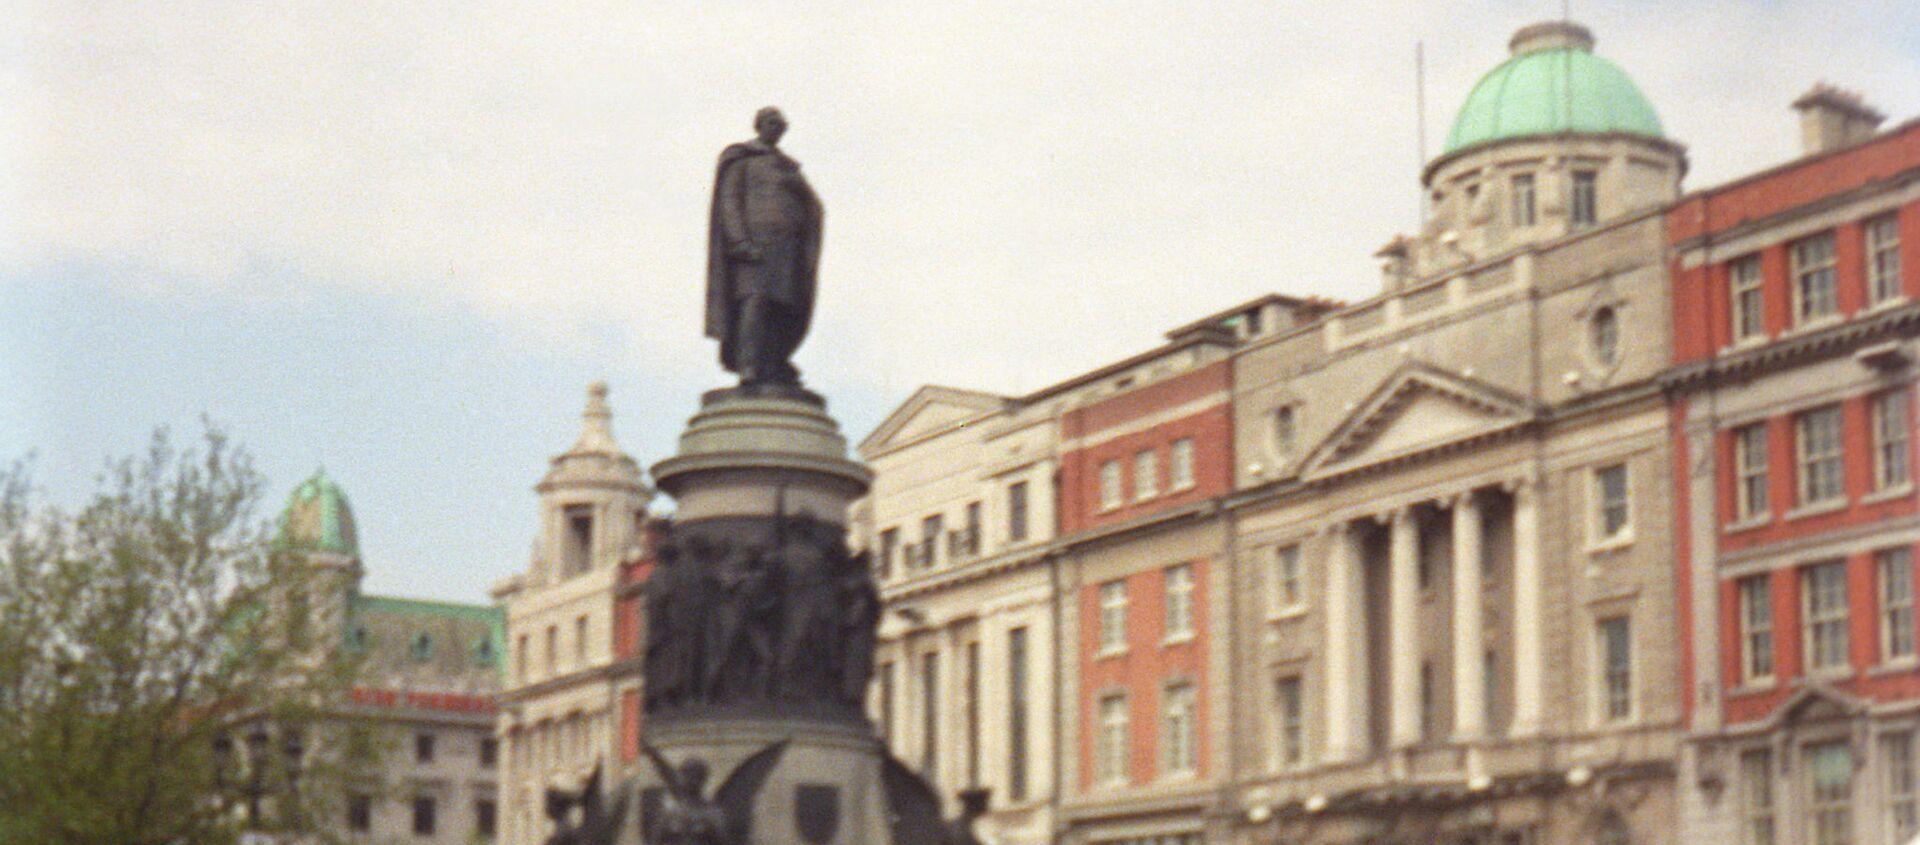 Памятник ирландскому политику Дэниелу О'Коннеллу работы скульпторов Джона Генри Фоли и Томаса Брока, открытый в Дублине в 1882 году. - Sputnik Армения, 1920, 19.07.2021